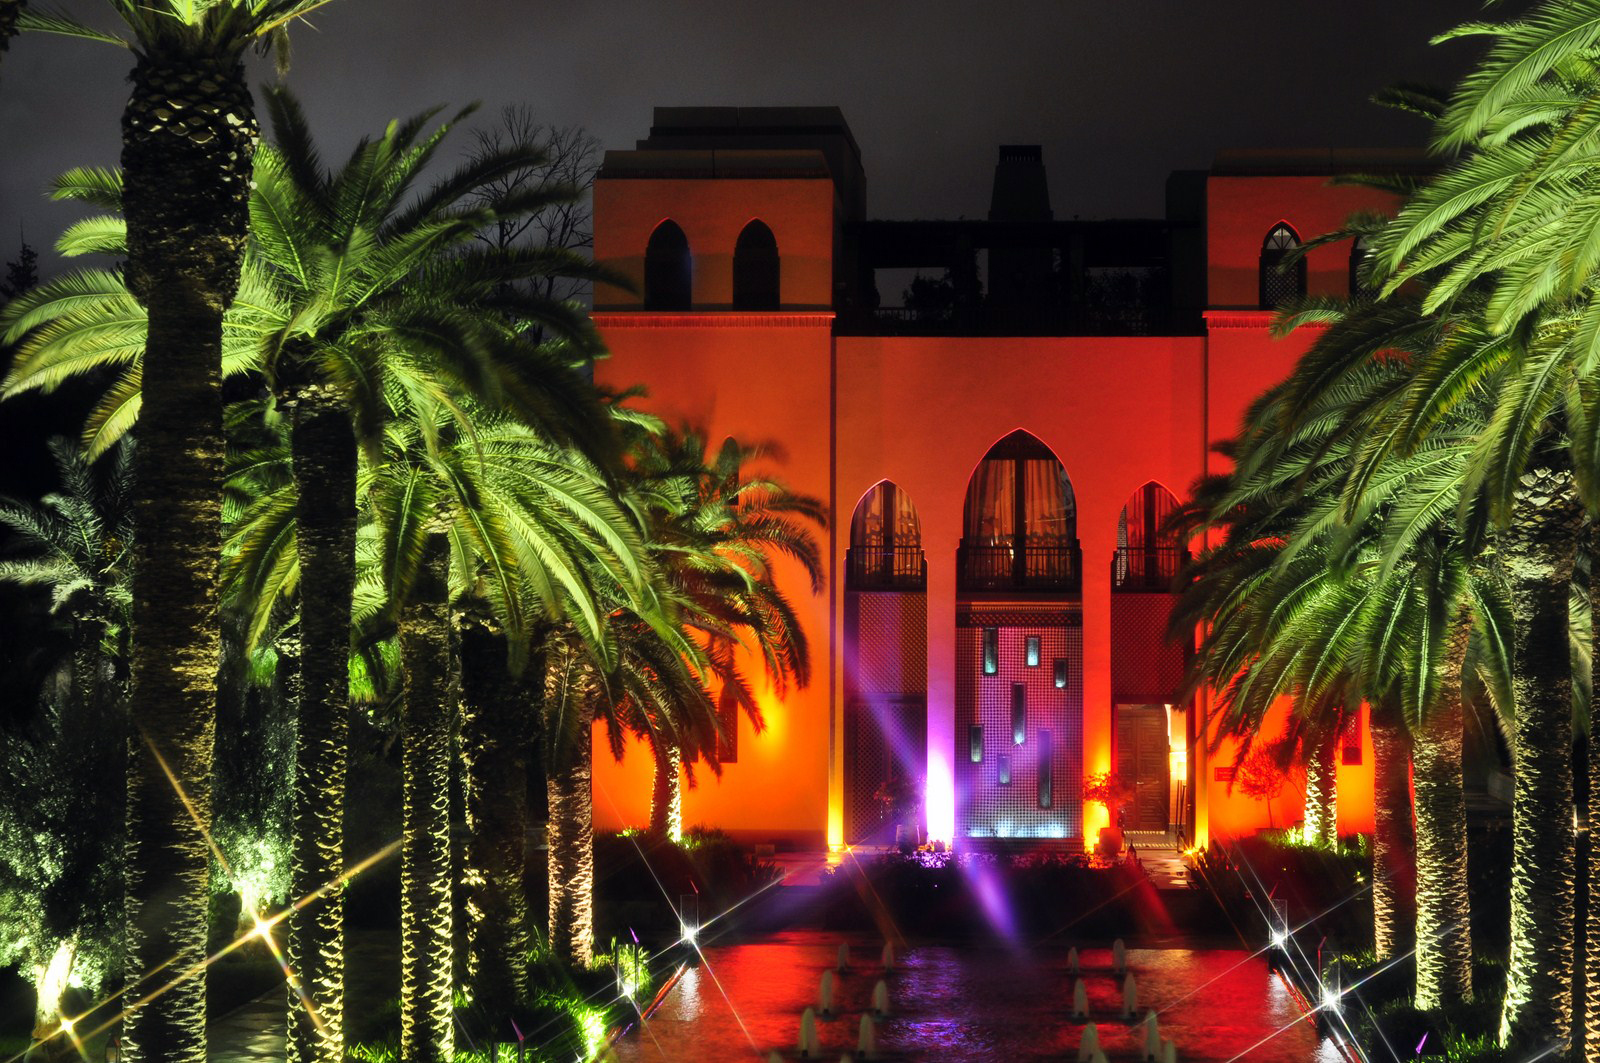 Edificio del restaurante italiano y terraza de fiesta de noche four seasons marrakech - 15722161487 016533b265 h - Four Seasons Marrakech, oasis en la ciudad roja